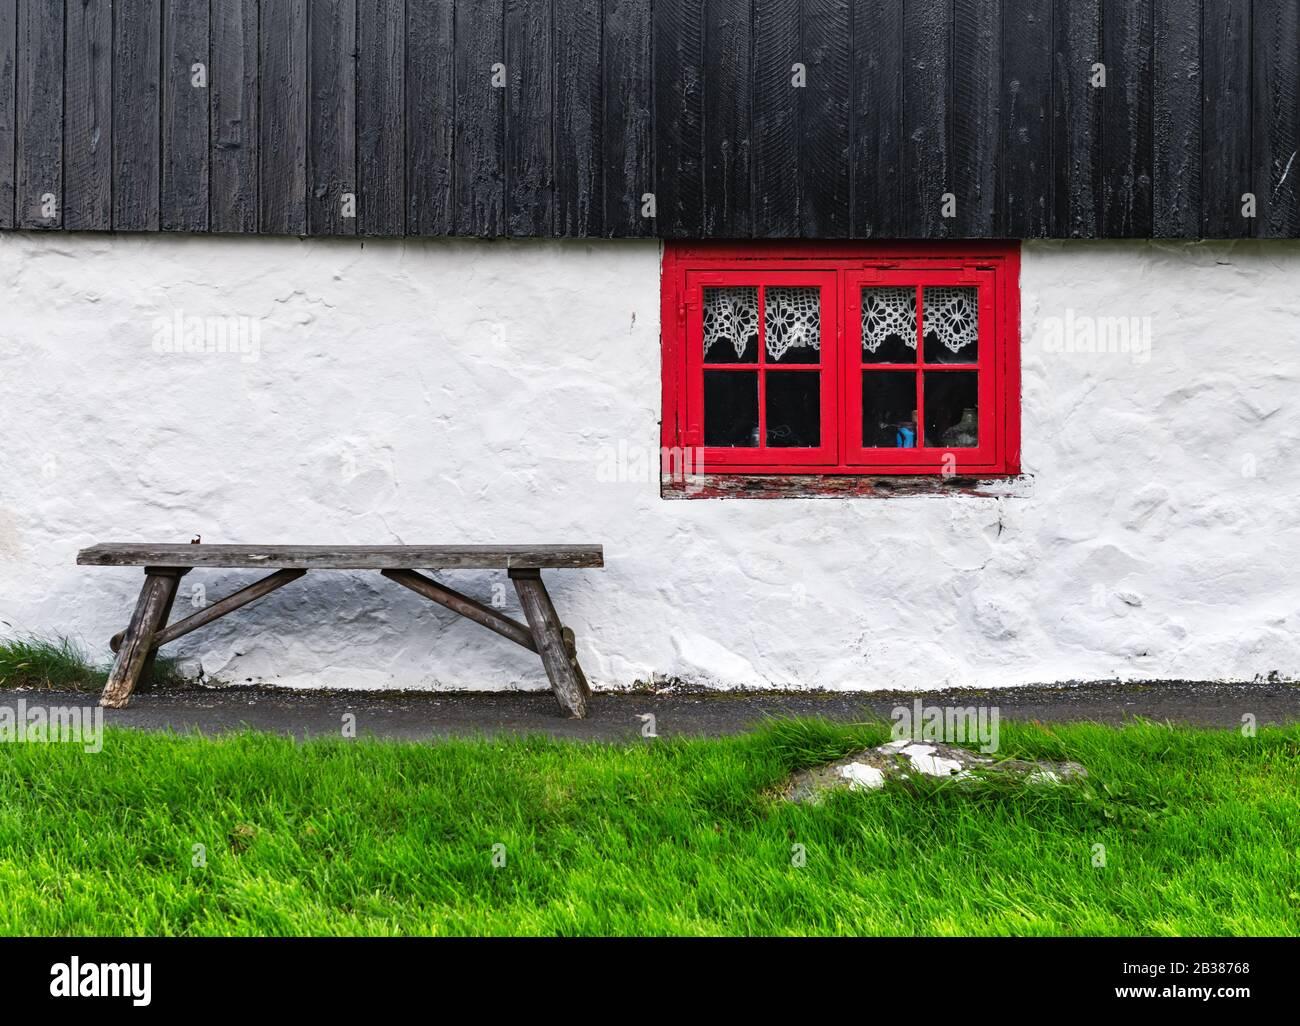 Mur de maison blanc avec fenêtre rouge sur la vieille maison faroese. Banc en bois sur l'herbe verte. Îles Féroé, Danemark Banque D'Images